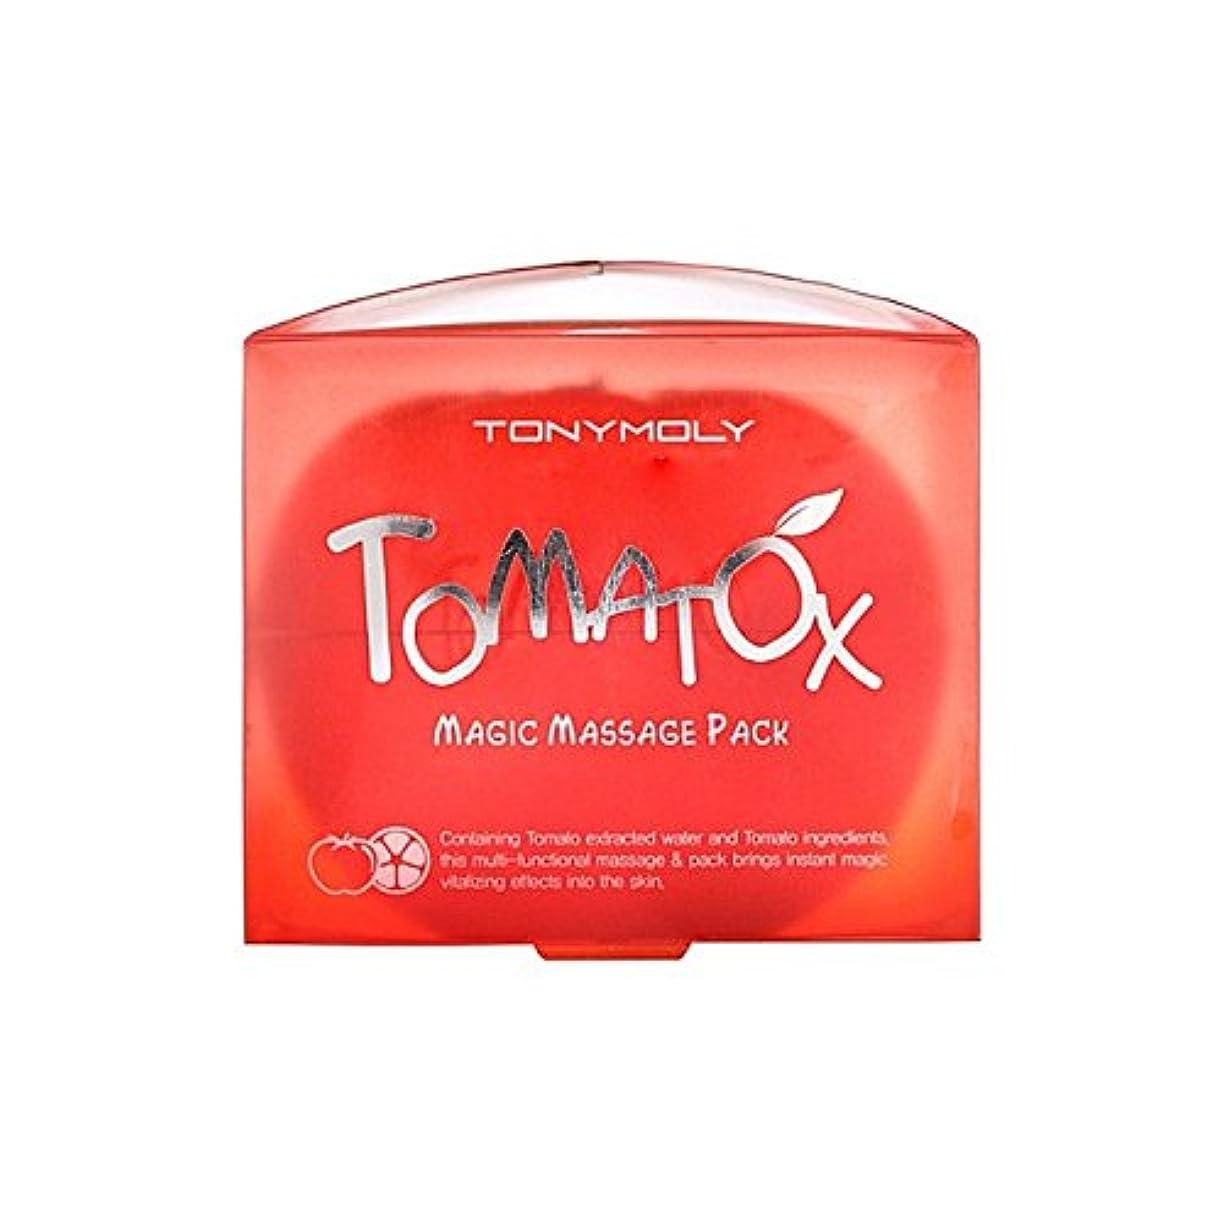 不適当感度合成トニーモリー魔法マッサージパック80グラム x2 - Tony Moly Tomatox Magic Massage Pack 80G (Pack of 2) [並行輸入品]